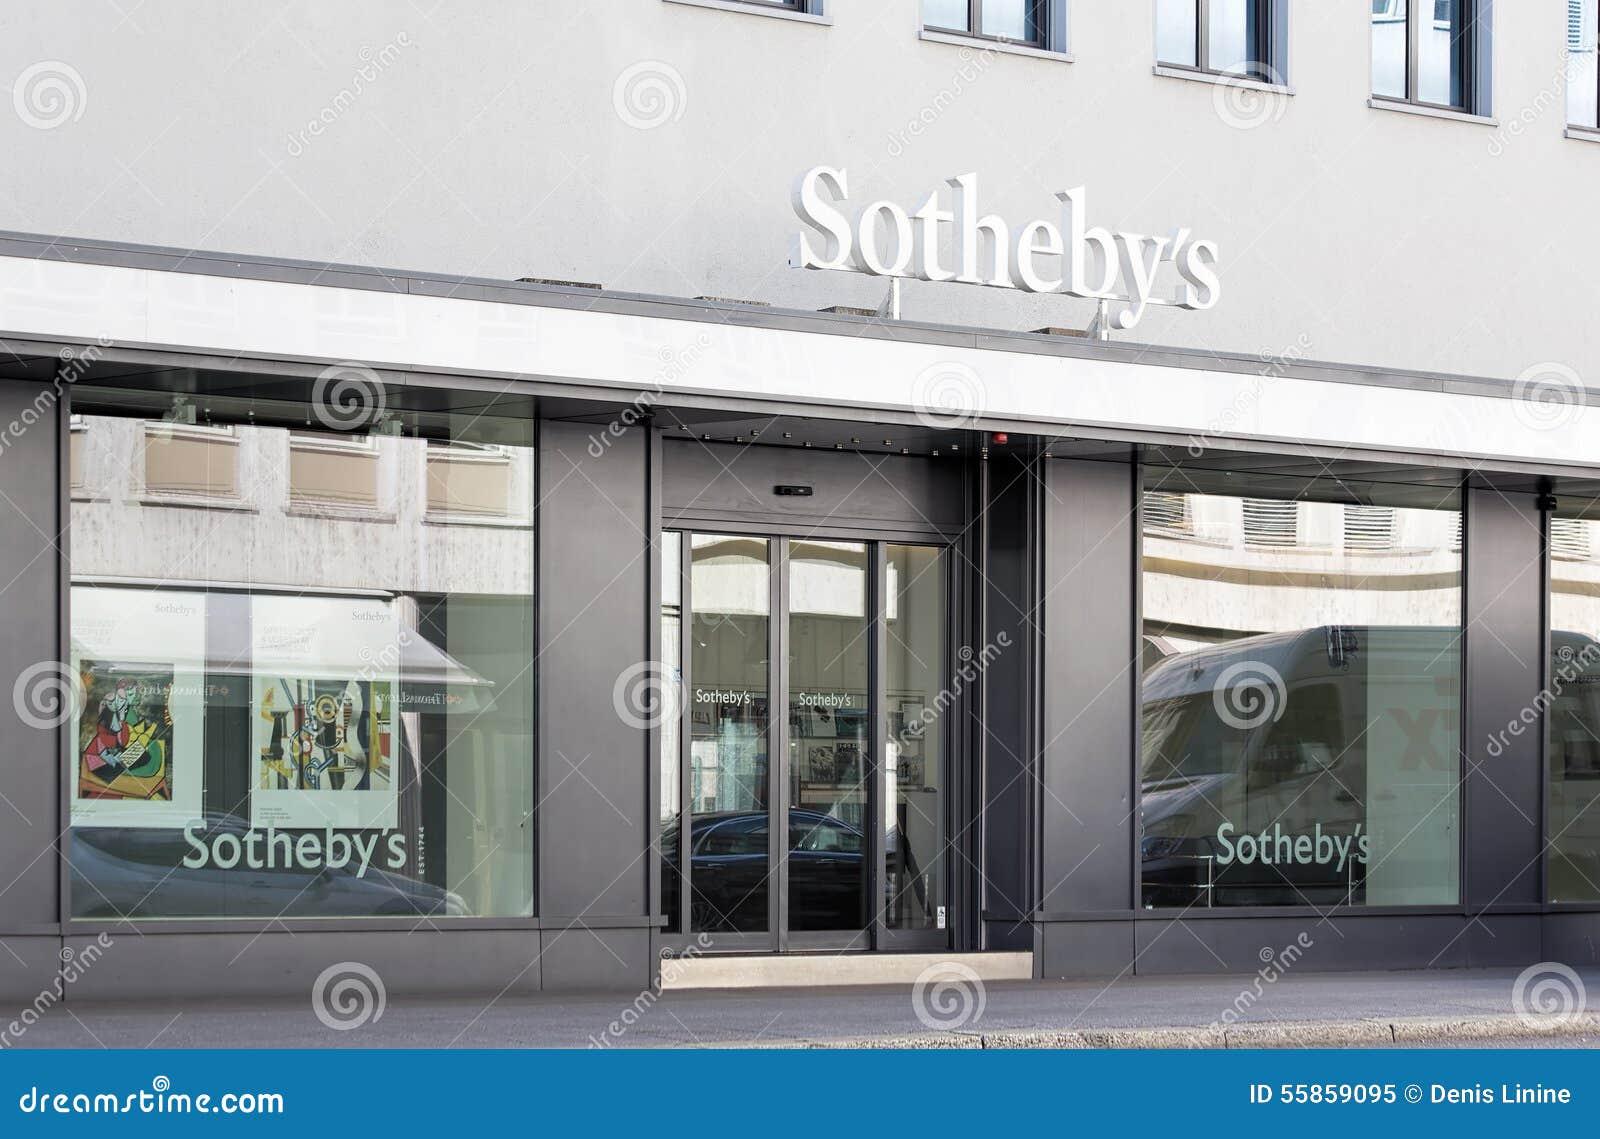 Ufficio Di Entrata : Entrata dell ufficio di sotheby a zurigo immagine editoriale